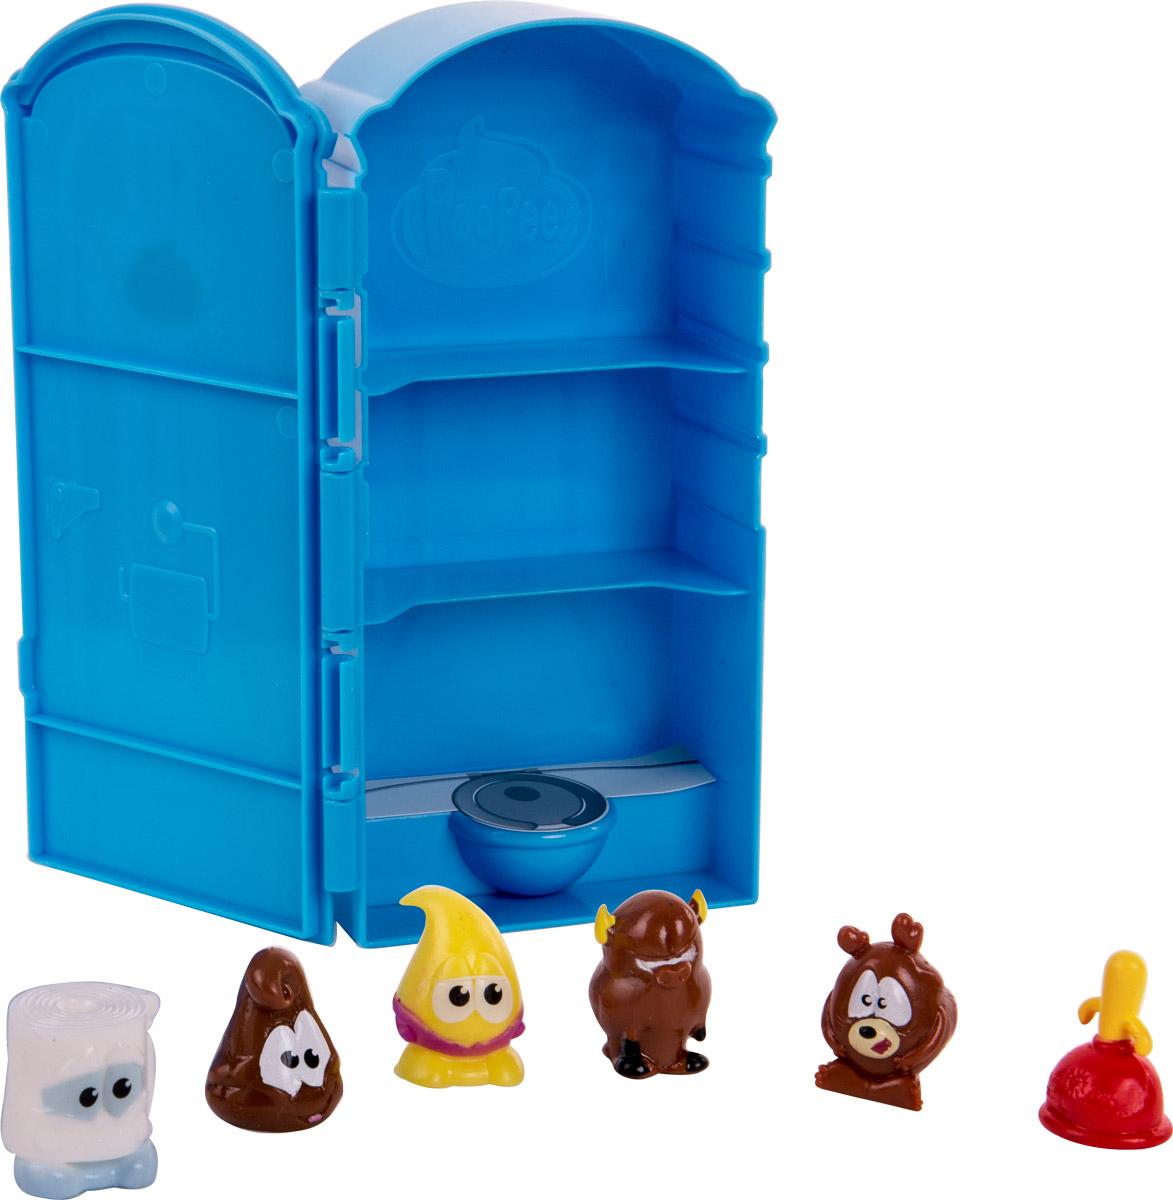 Poopeez Игровой набор Туалетная кабинка с фигурками бокс для хранения вещей kiss the plastic industry